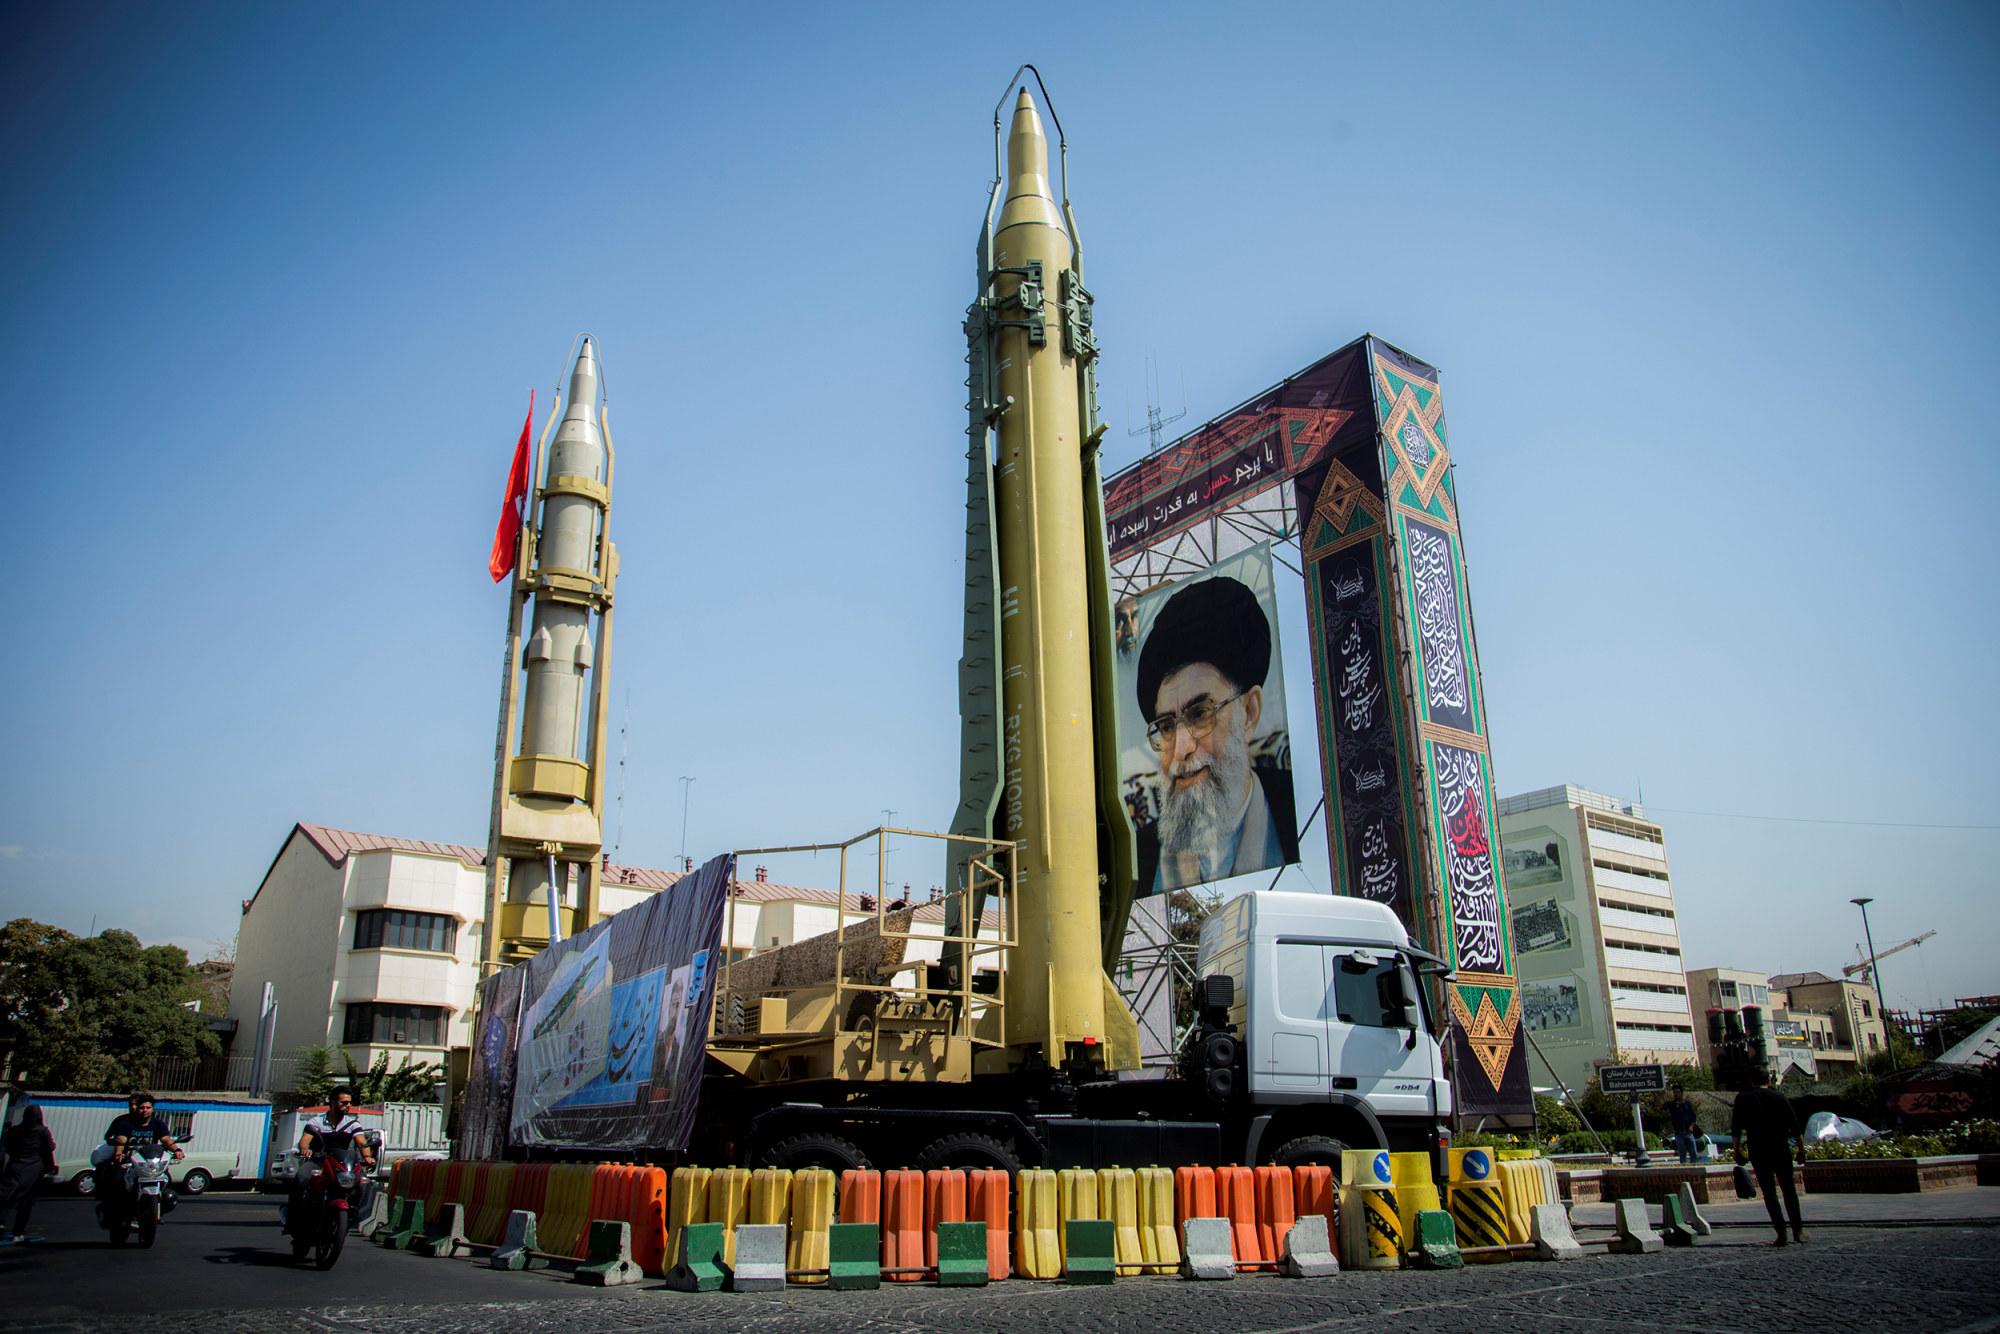 [Image: 190506-missiles-khamenei-se-231p_da504b1...-2000w.jpg]